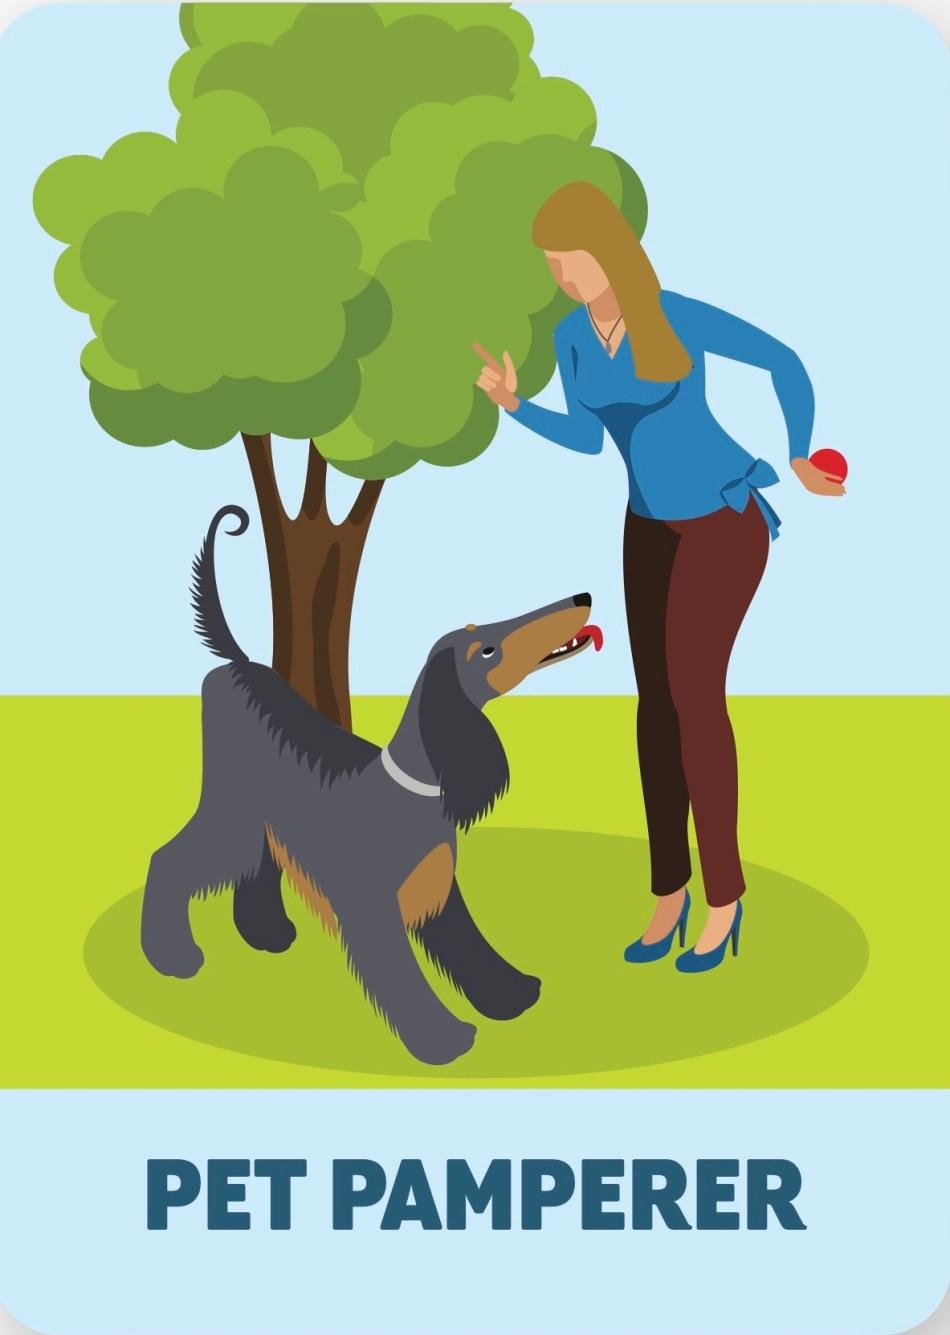 Illustration of pet pamperer